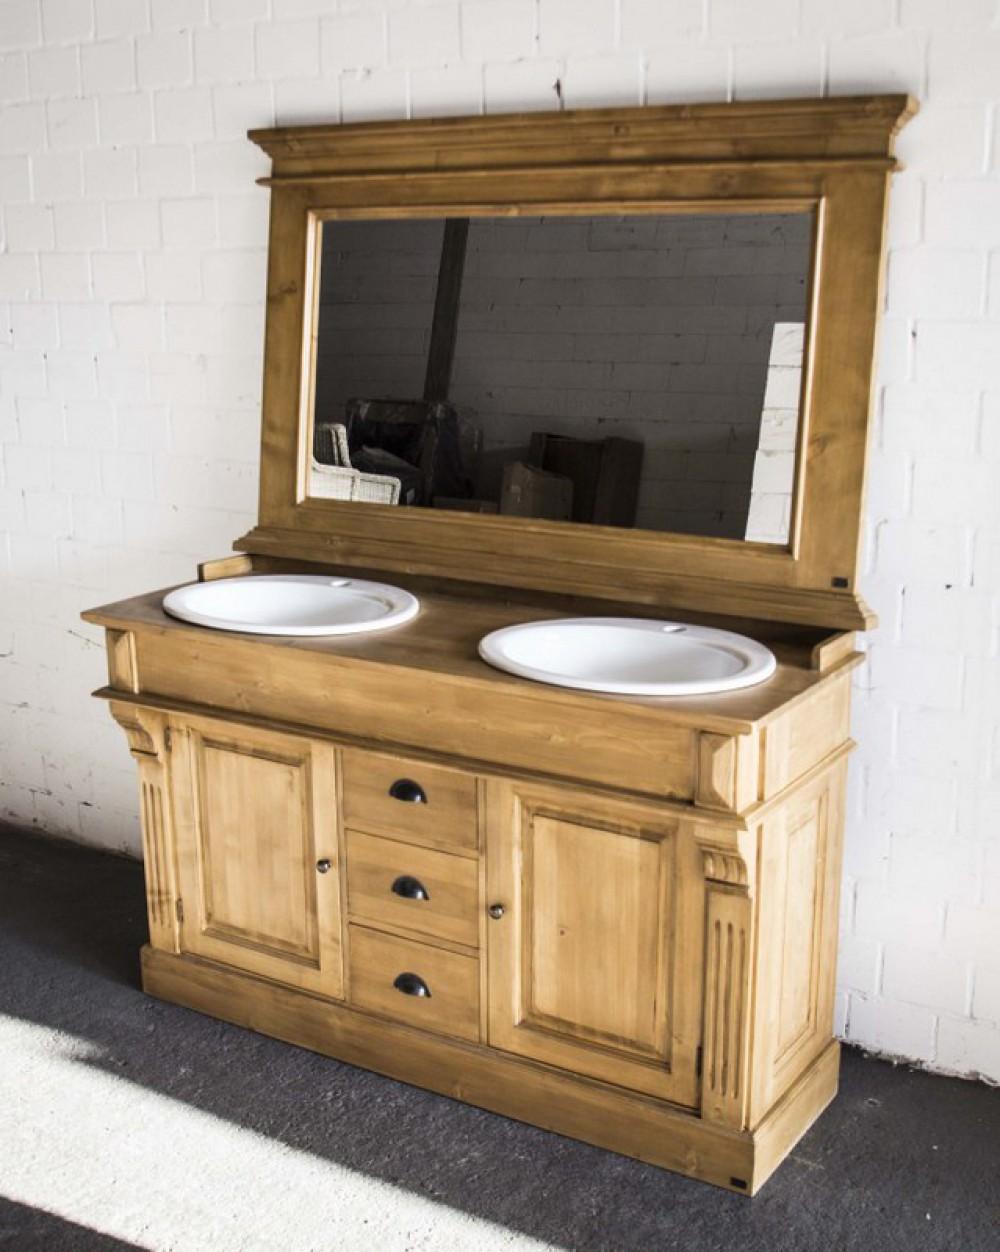 waschtisch holz landhausstil waschtisch holz landhausstil waschtisch selber bauen ausf. Black Bedroom Furniture Sets. Home Design Ideas